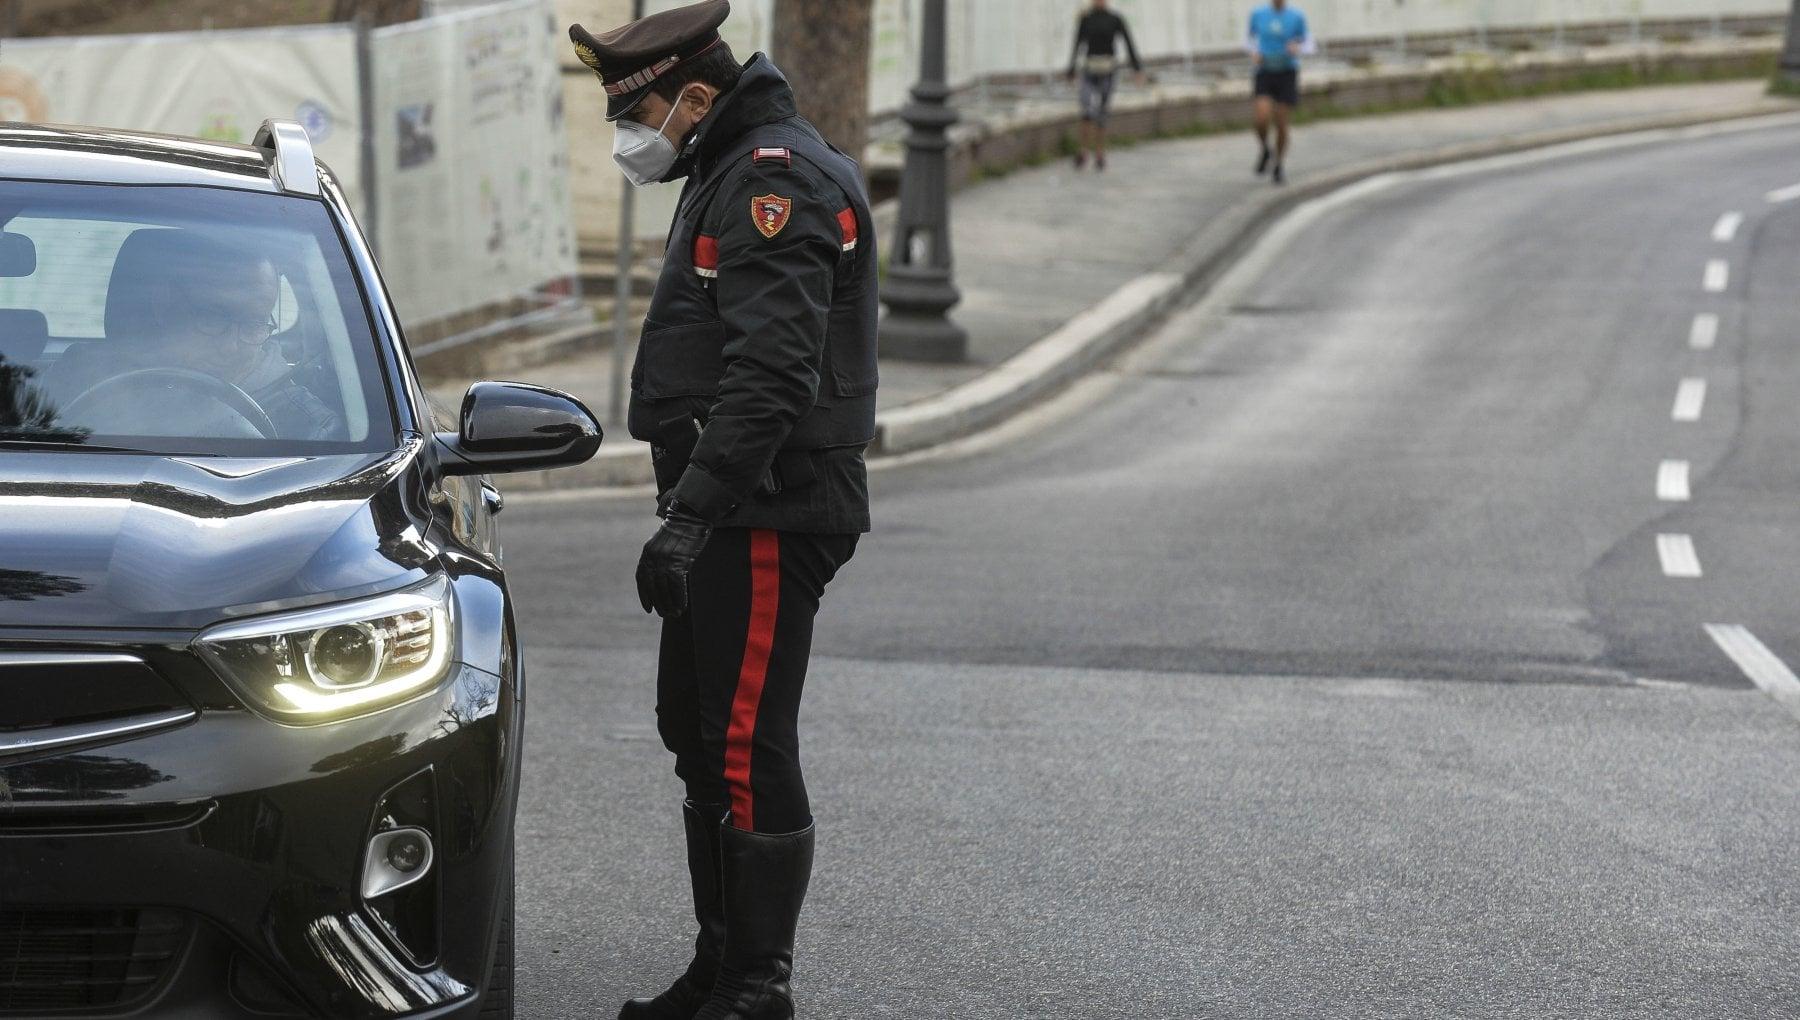 130019430 f5abd054 bb4c 48f5 84a6 ce56c472c599 - Brindisi, 41enne ferito da fucilata mentre era in auto: un uomo interrogato dai carabinieri